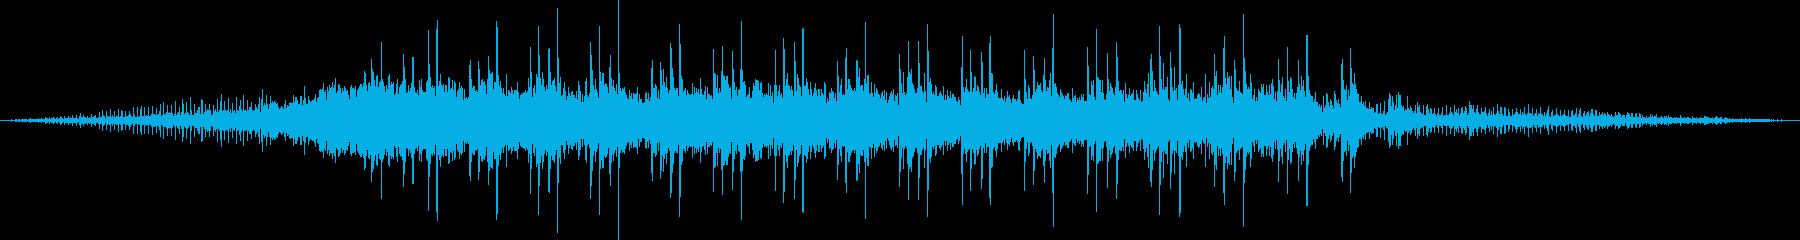 ディーゼル機関車牽引の貨物列車の通過音の再生済みの波形